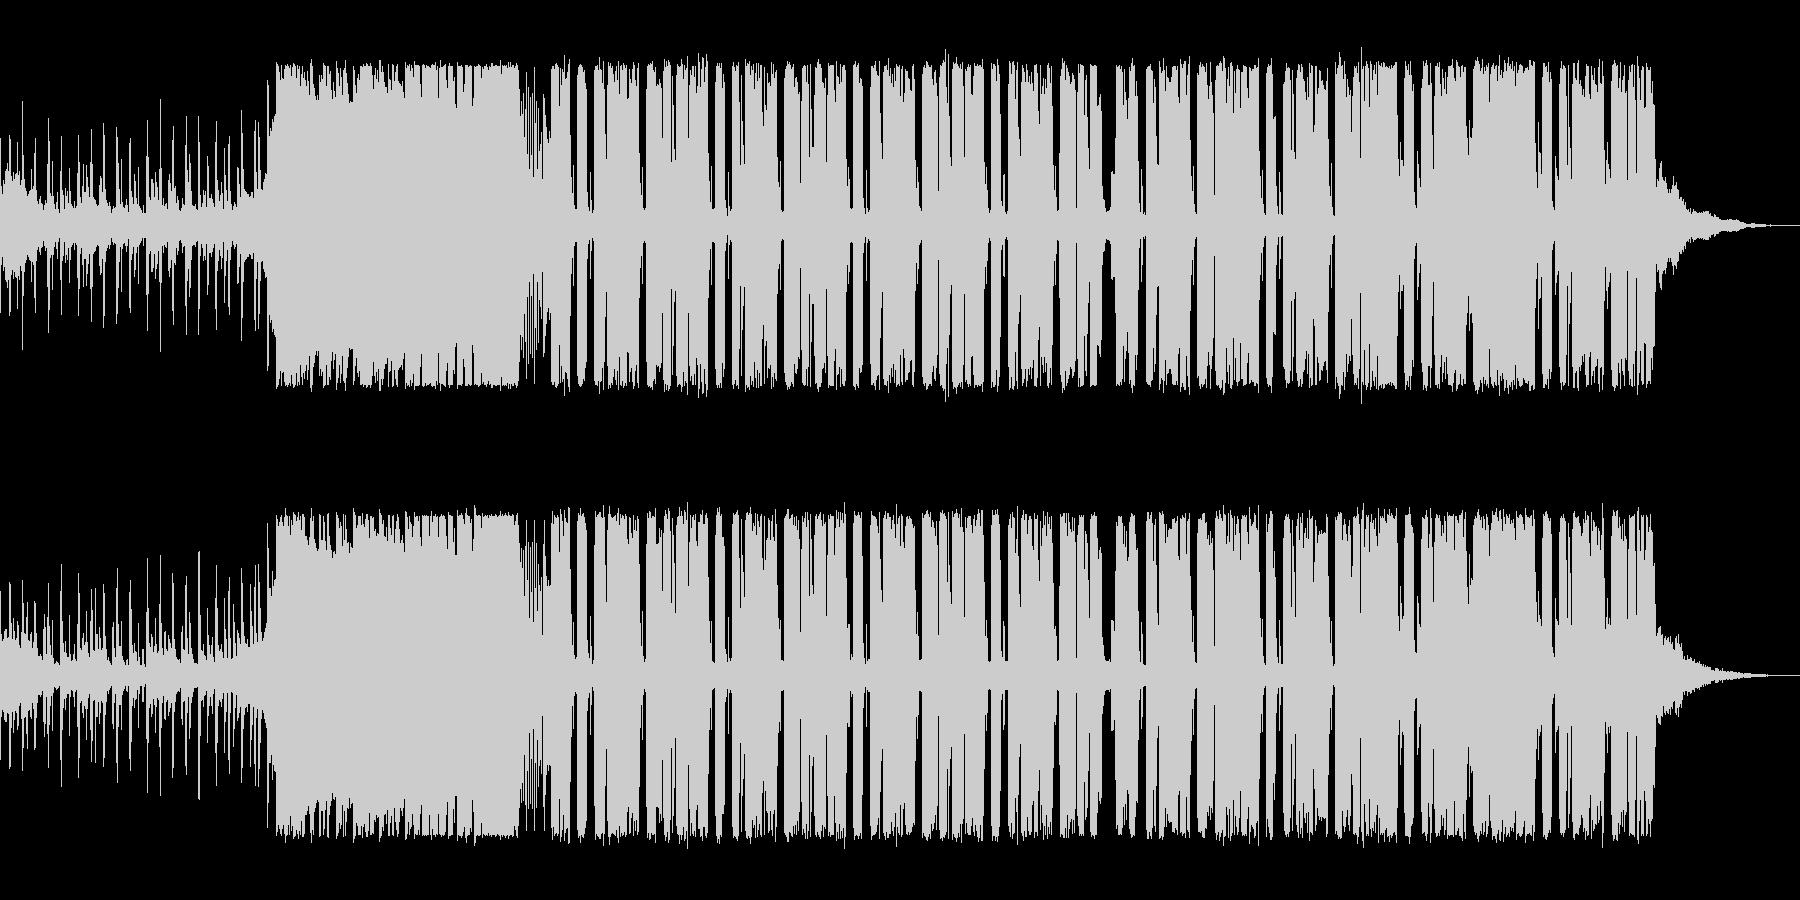 マイルドで緩やかなテクノポップの未再生の波形